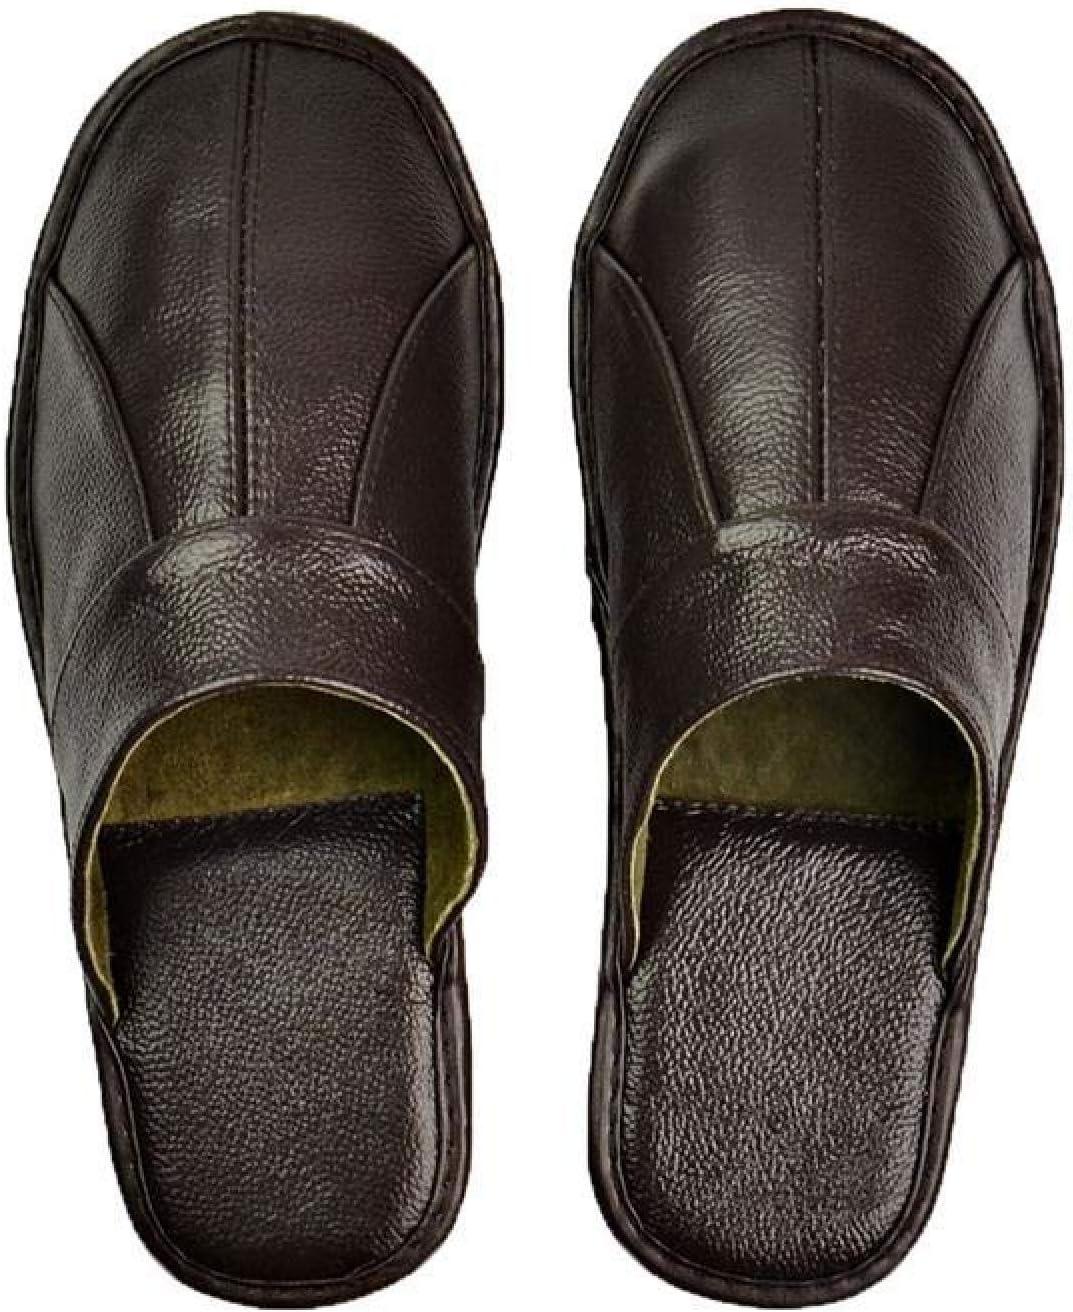 Men's 絶品 Leather Slippers Men 春の新作シューズ満載 Handmade Home House Luxury